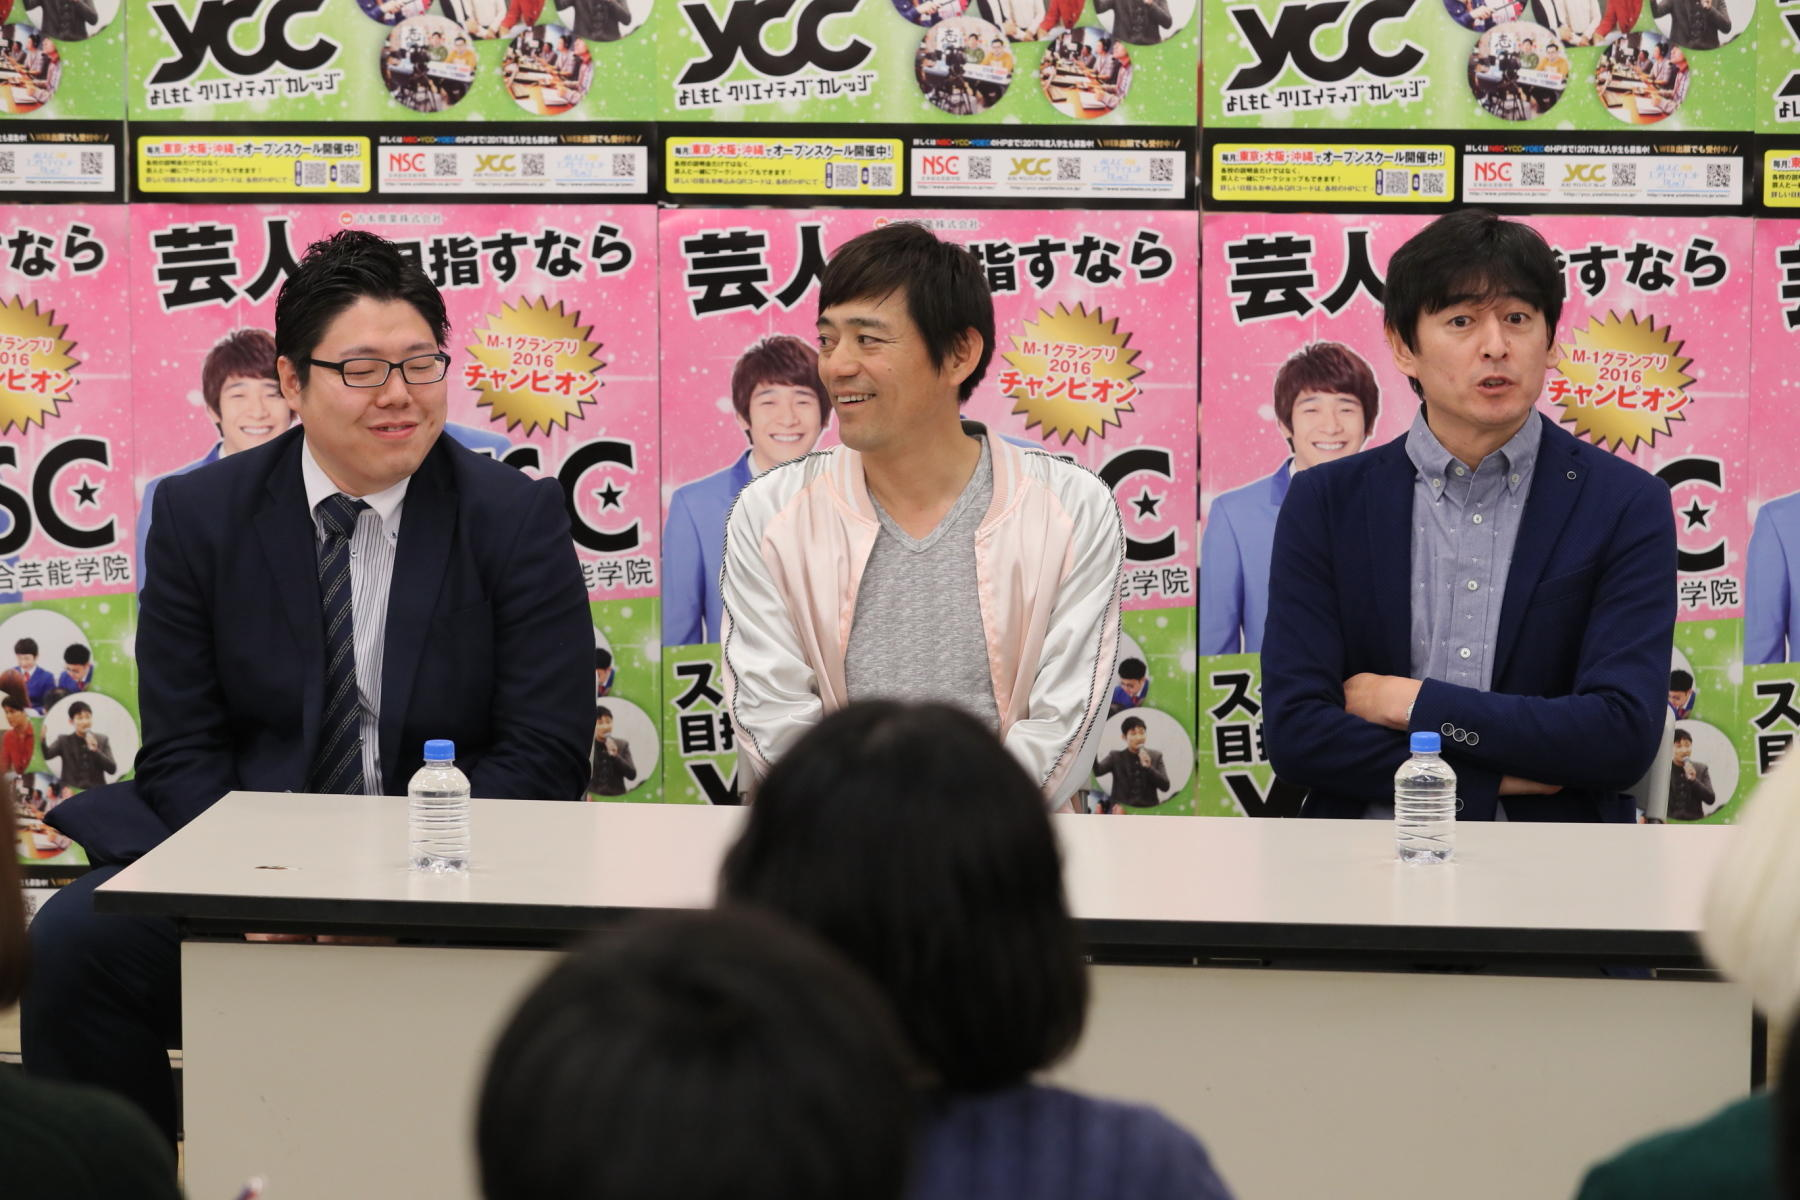 http://news.yoshimoto.co.jp/20170127231159-5ed30d995daedce53c5b8751236e5e2bc3b253c2.jpg